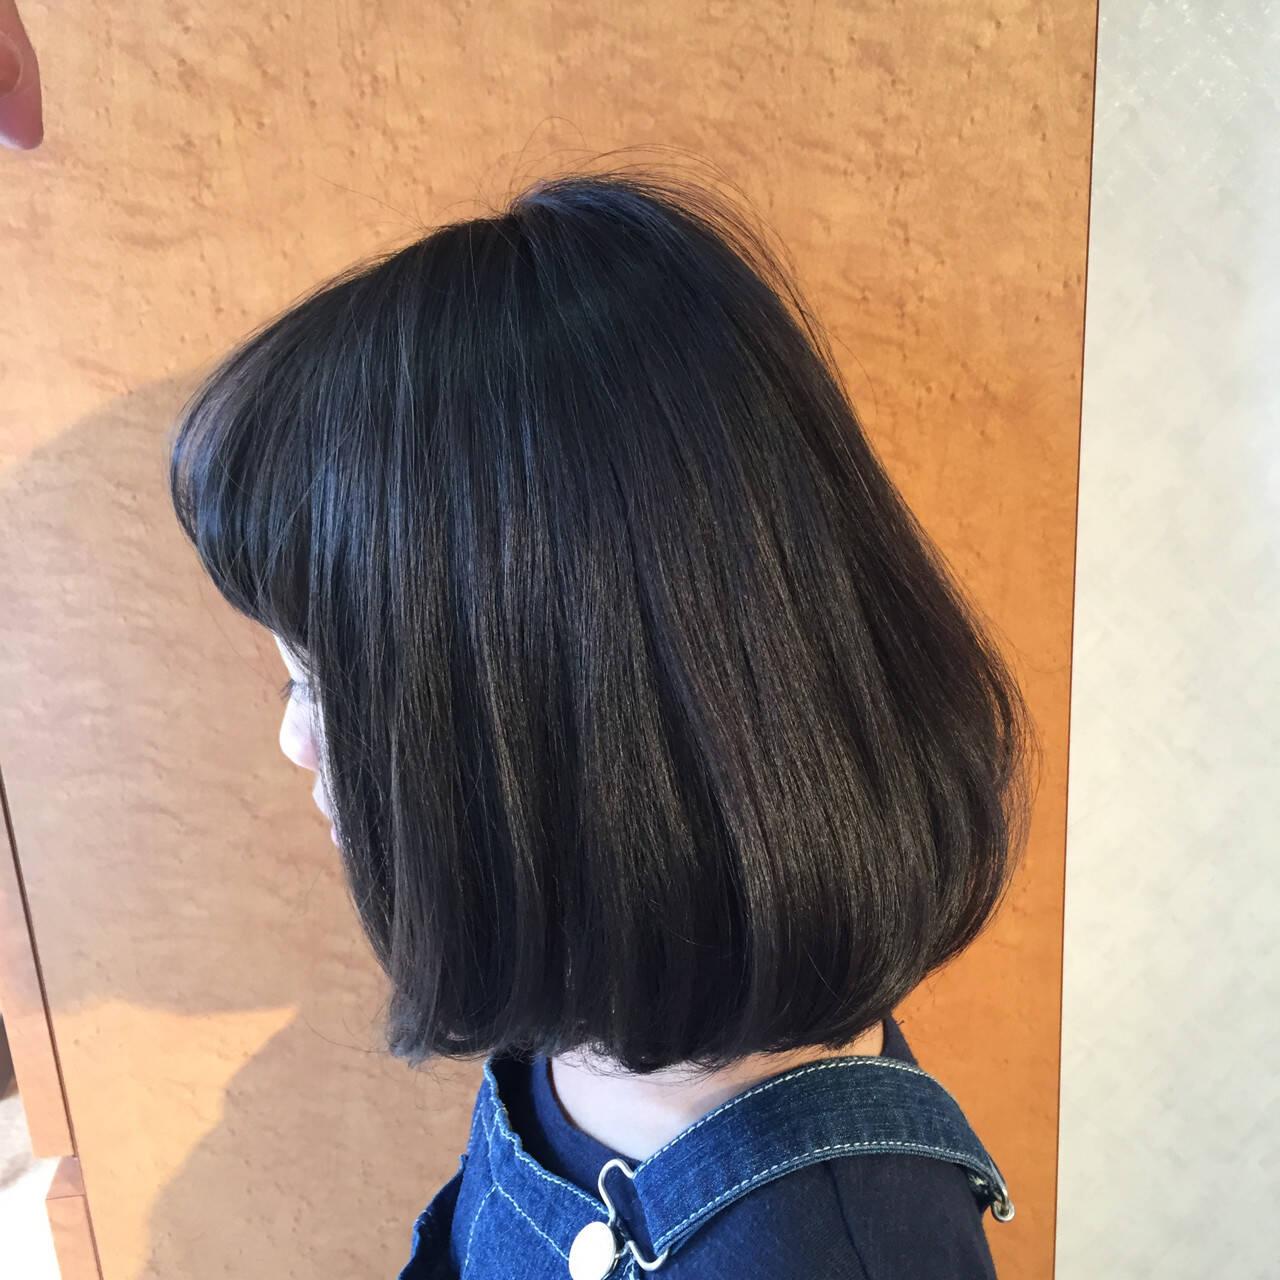 ガーリー ふわふわ ボブ ワンカールヘアスタイルや髪型の写真・画像